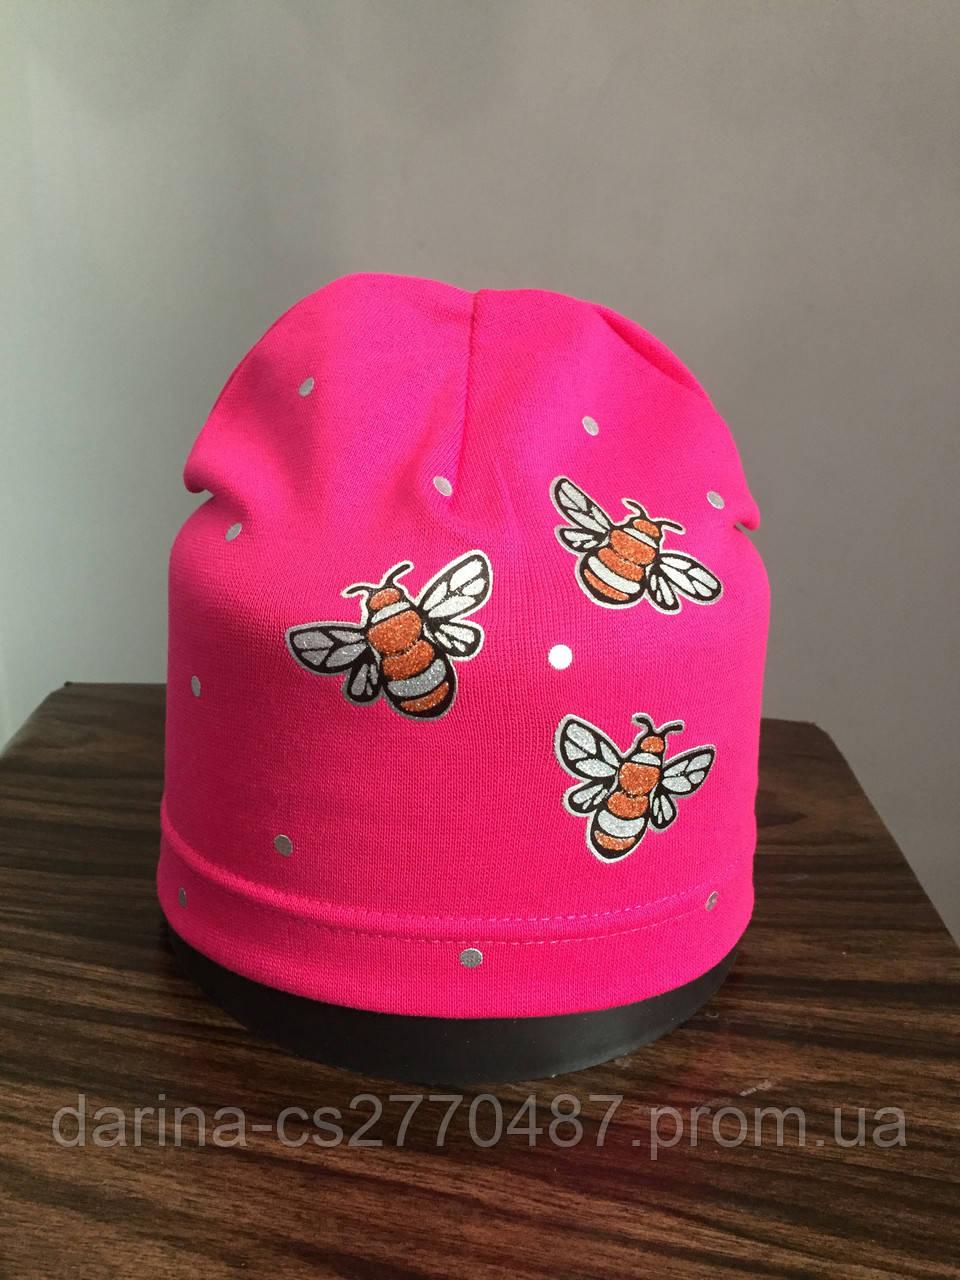 Детская шапка с пчелками